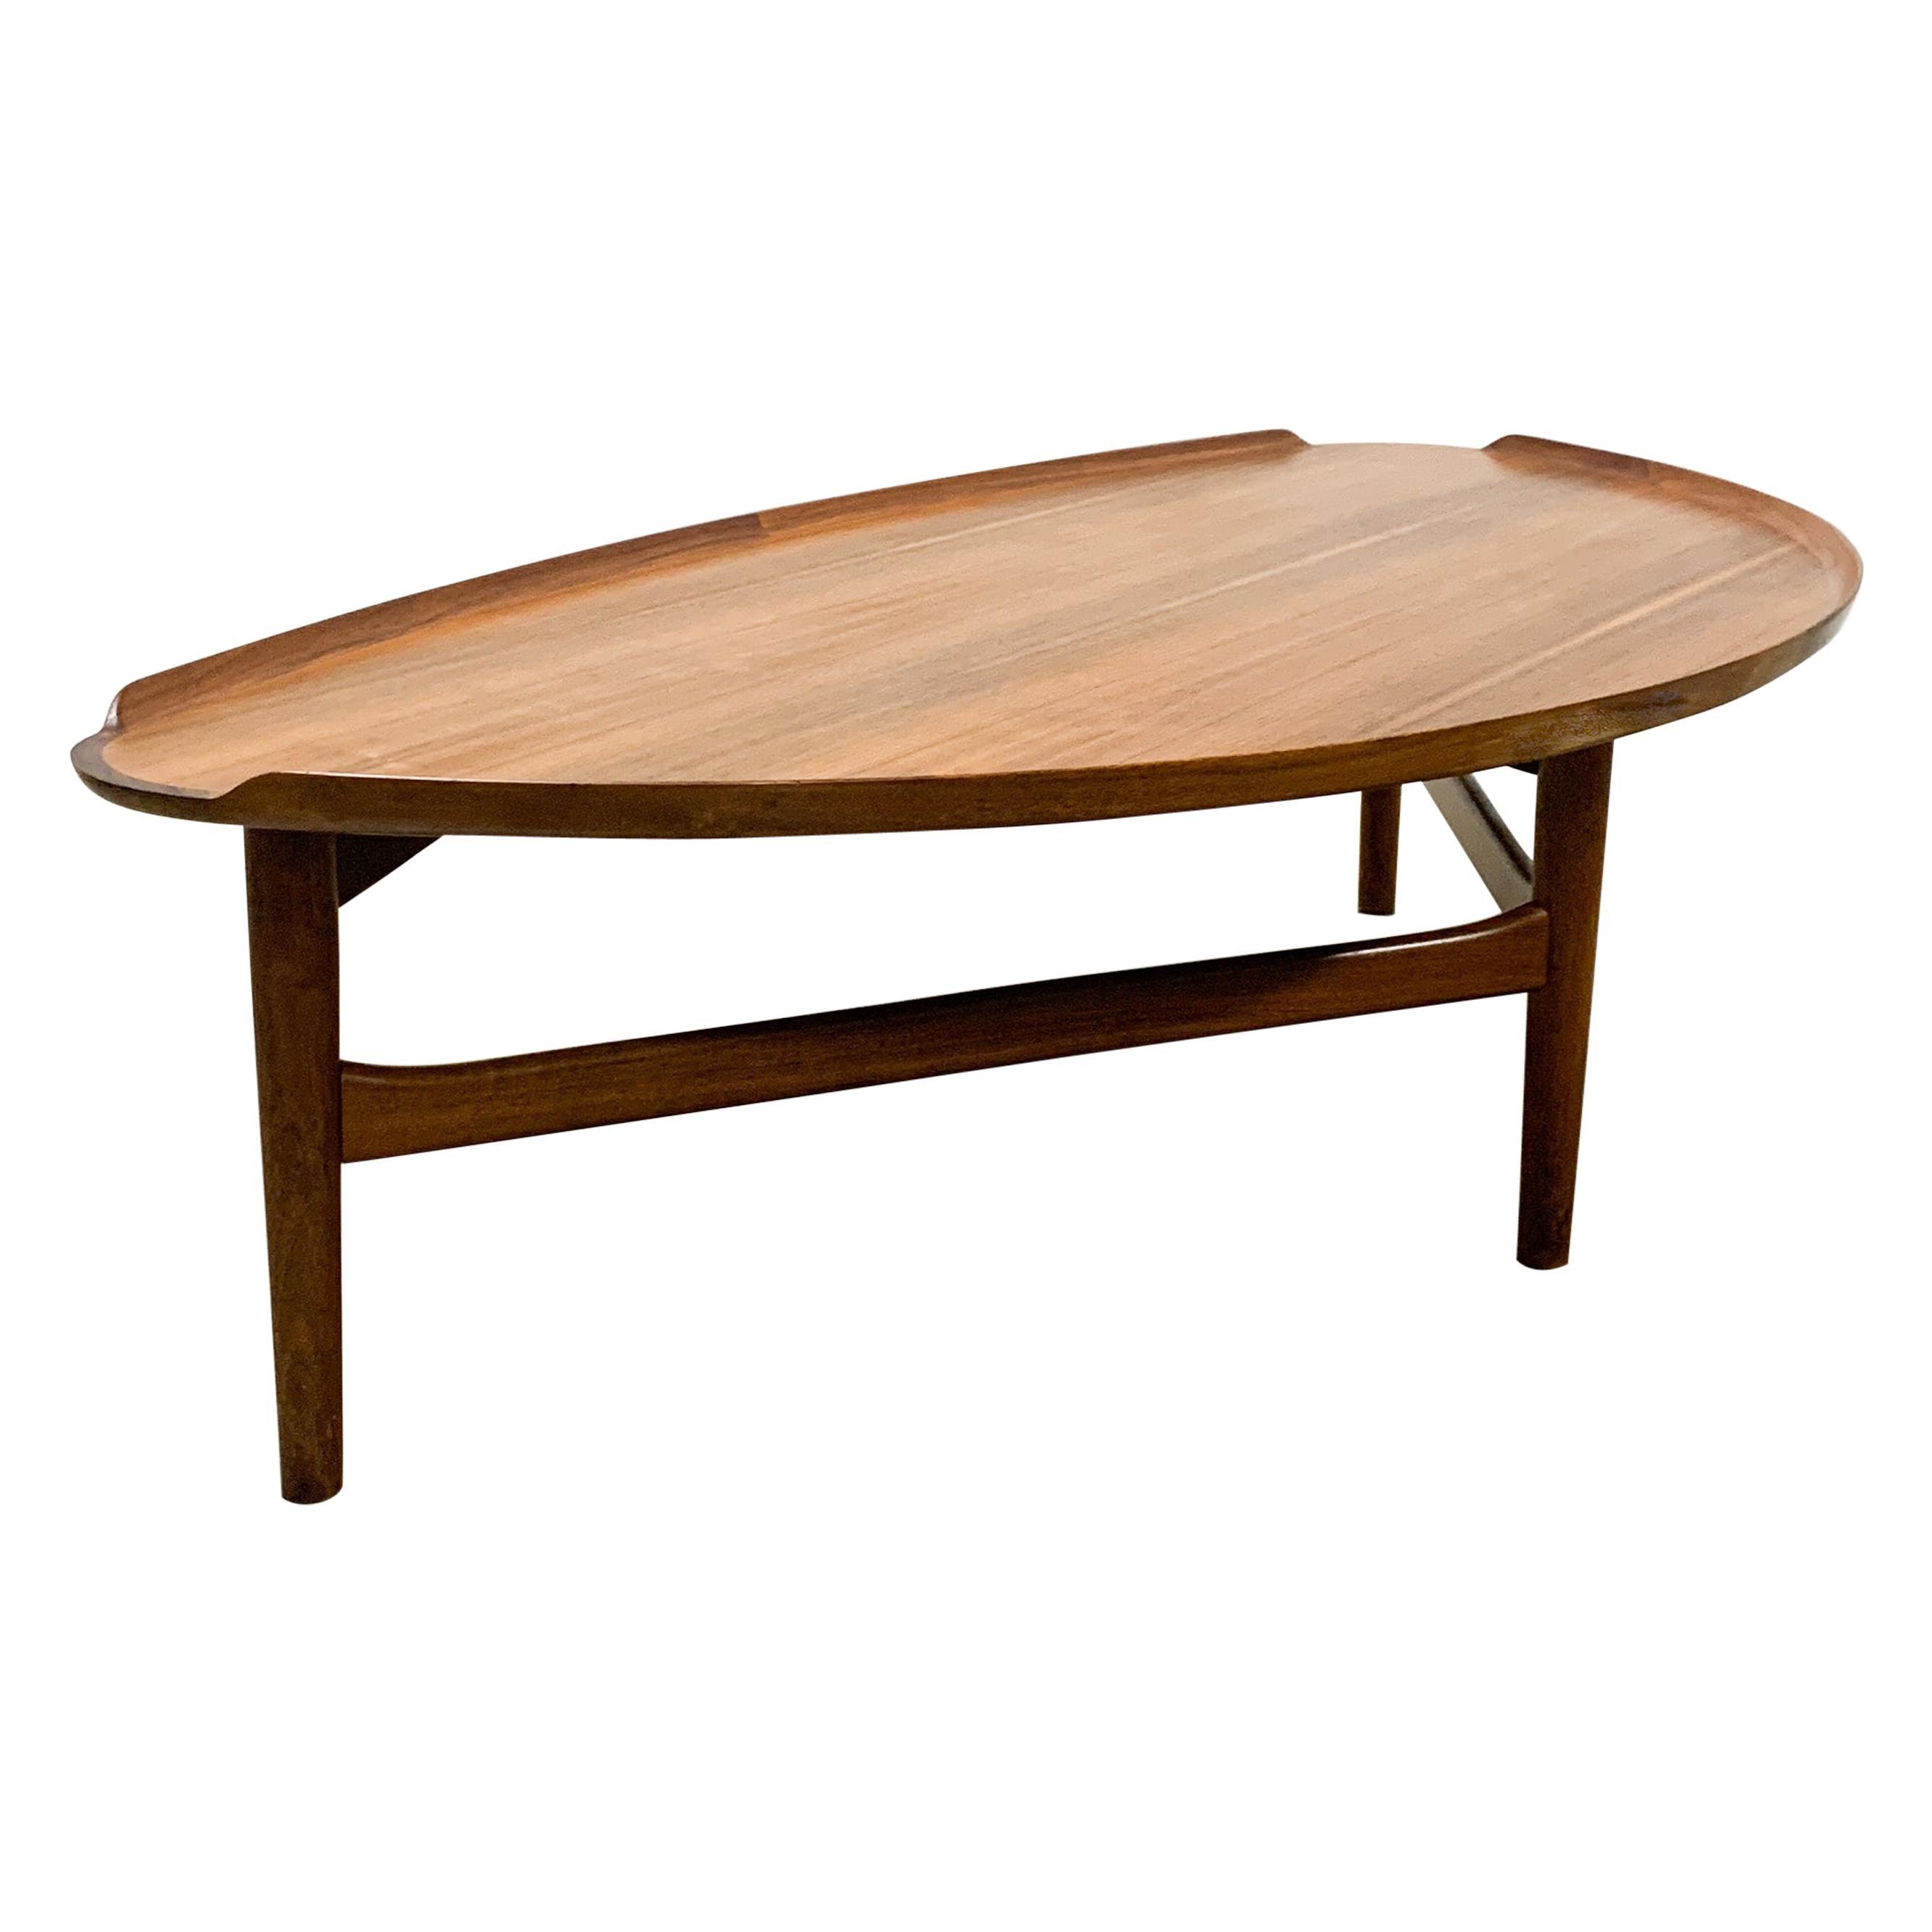 Finn Juhl Coffee Table by Baker Furniture